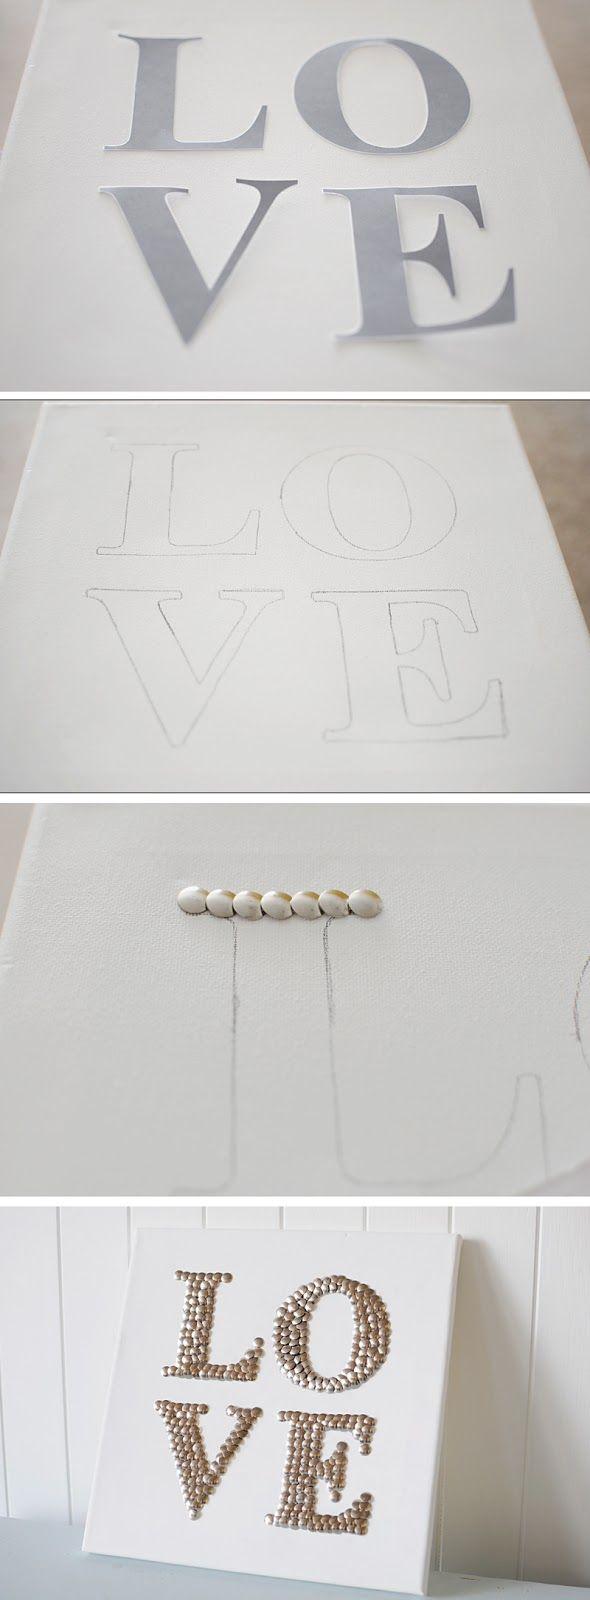 The Jones Way...: Bling Push Pin Art